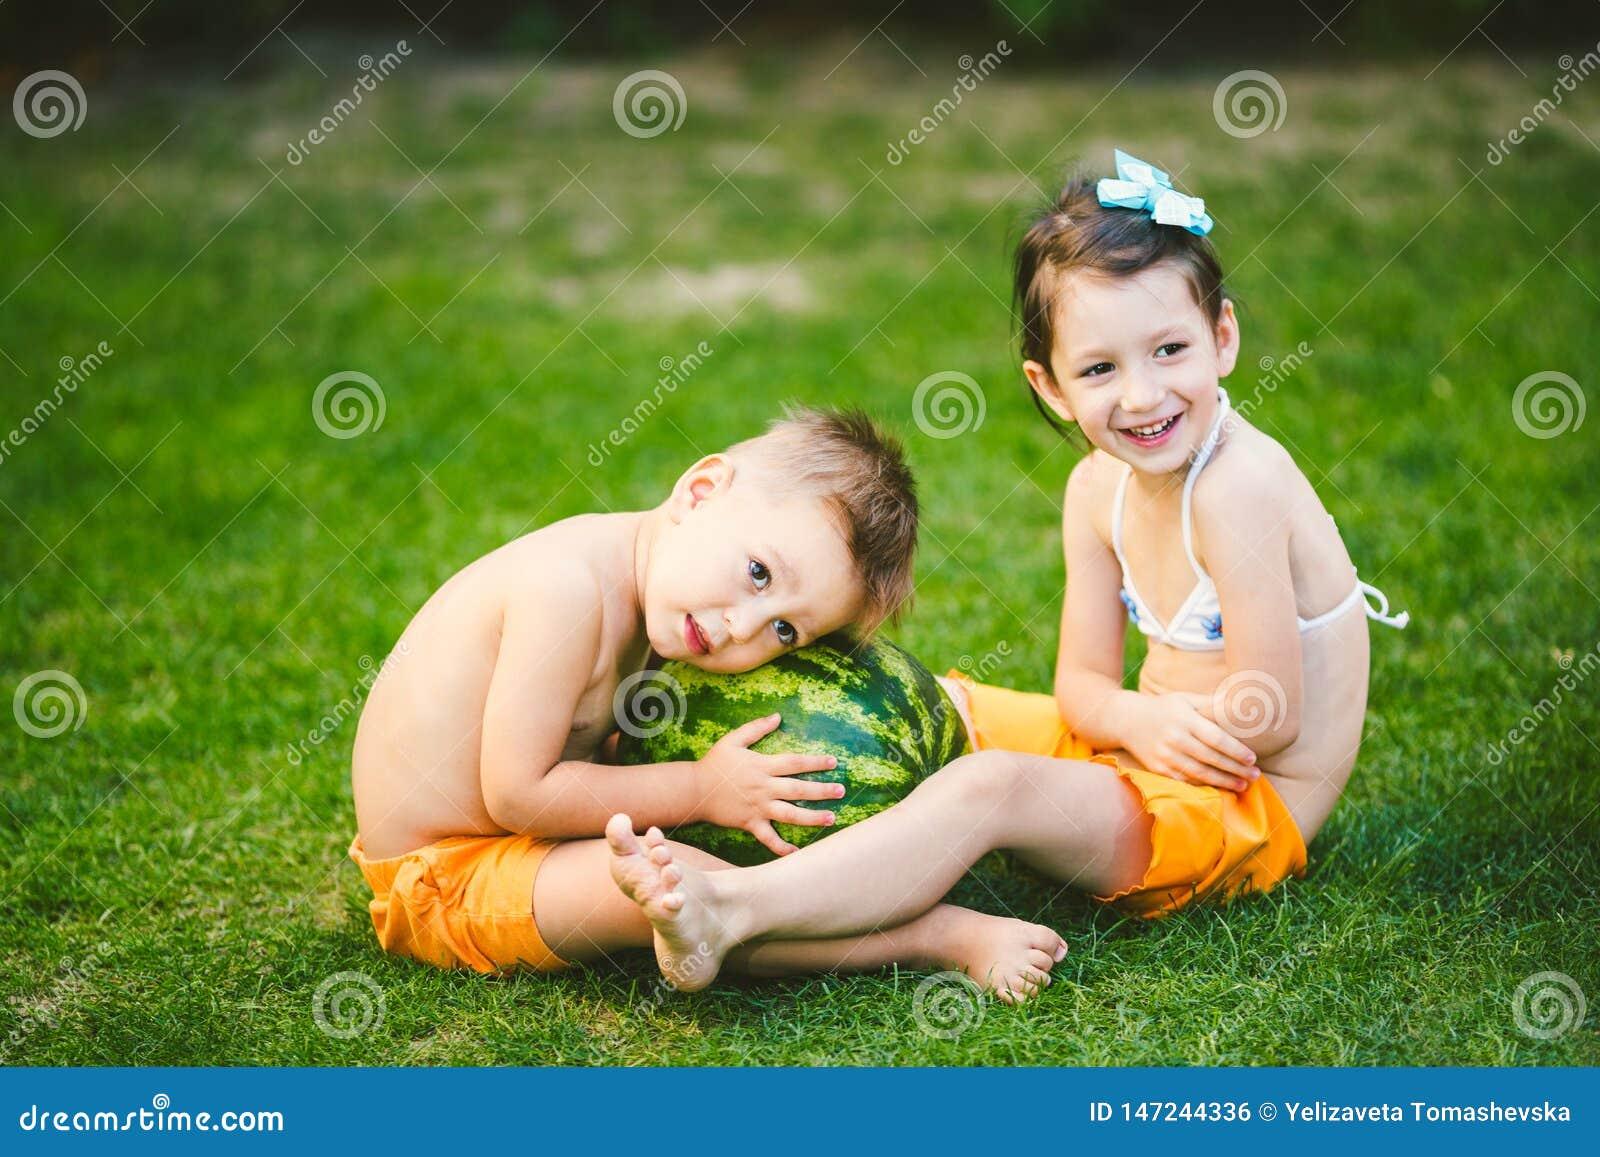 两个孩子,白种人兄弟和姐妹,坐绿草在房子后院和拥抱大鲜美甜西瓜